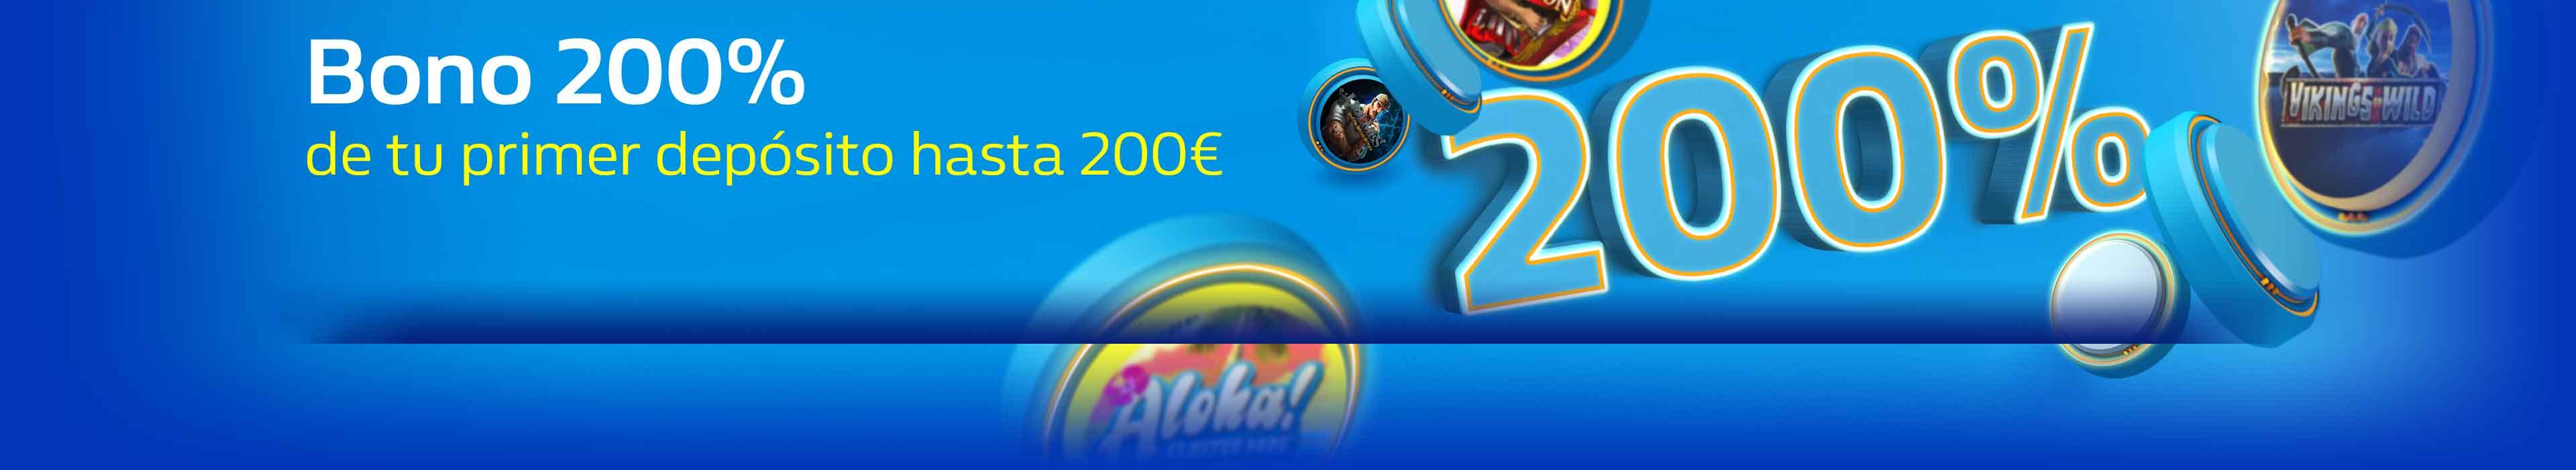 Bono de Bienvenida del 200% hasta 200€